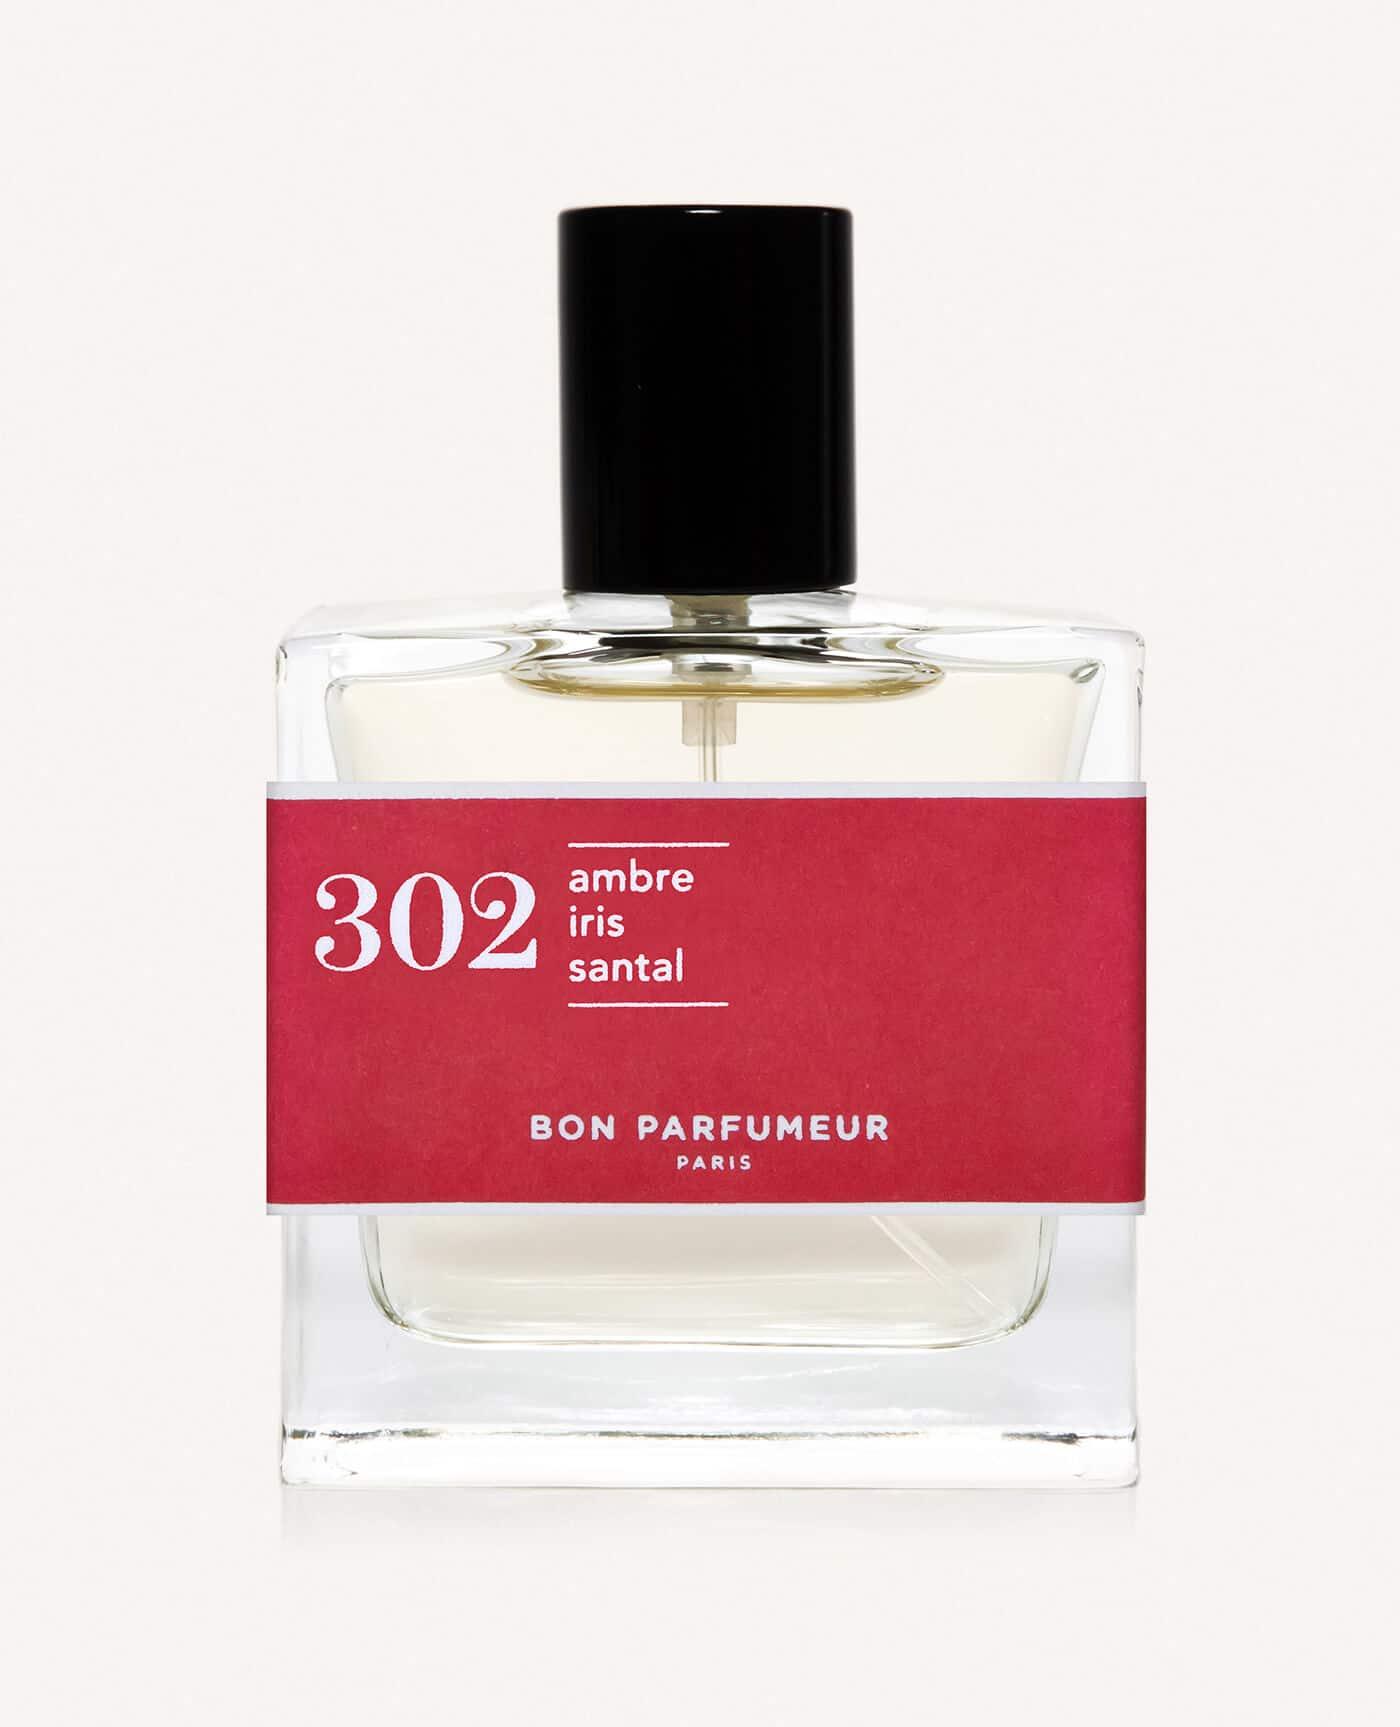 Eau de parfum made in france naturelle de la marque Bon Parfumeur 302 ambre, iris et bois de santal